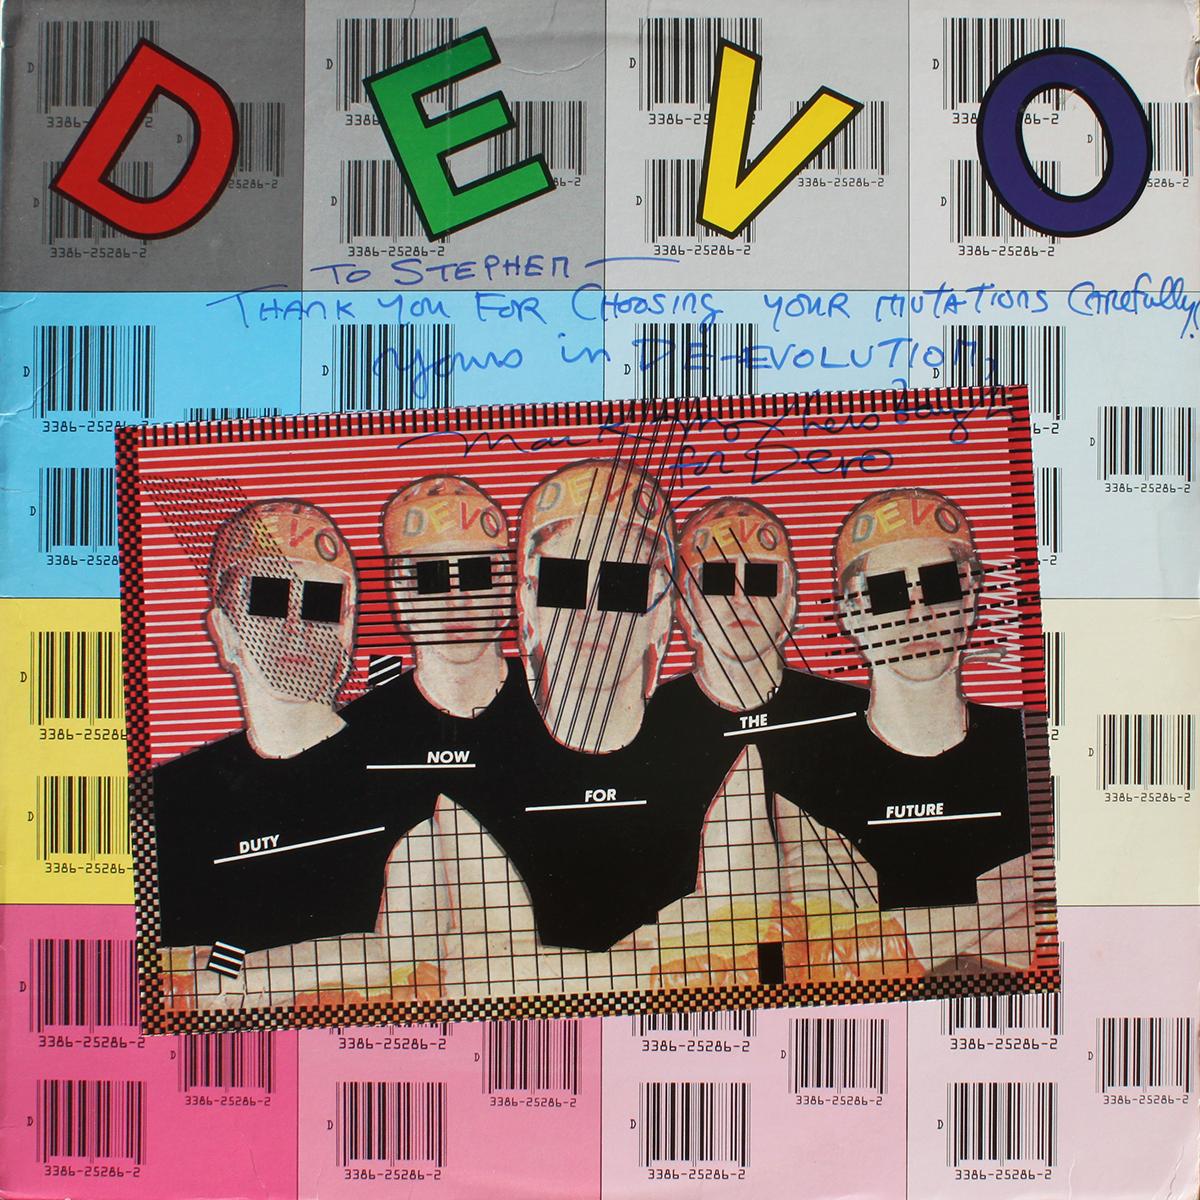 Devo LP - Duty Now For the Future